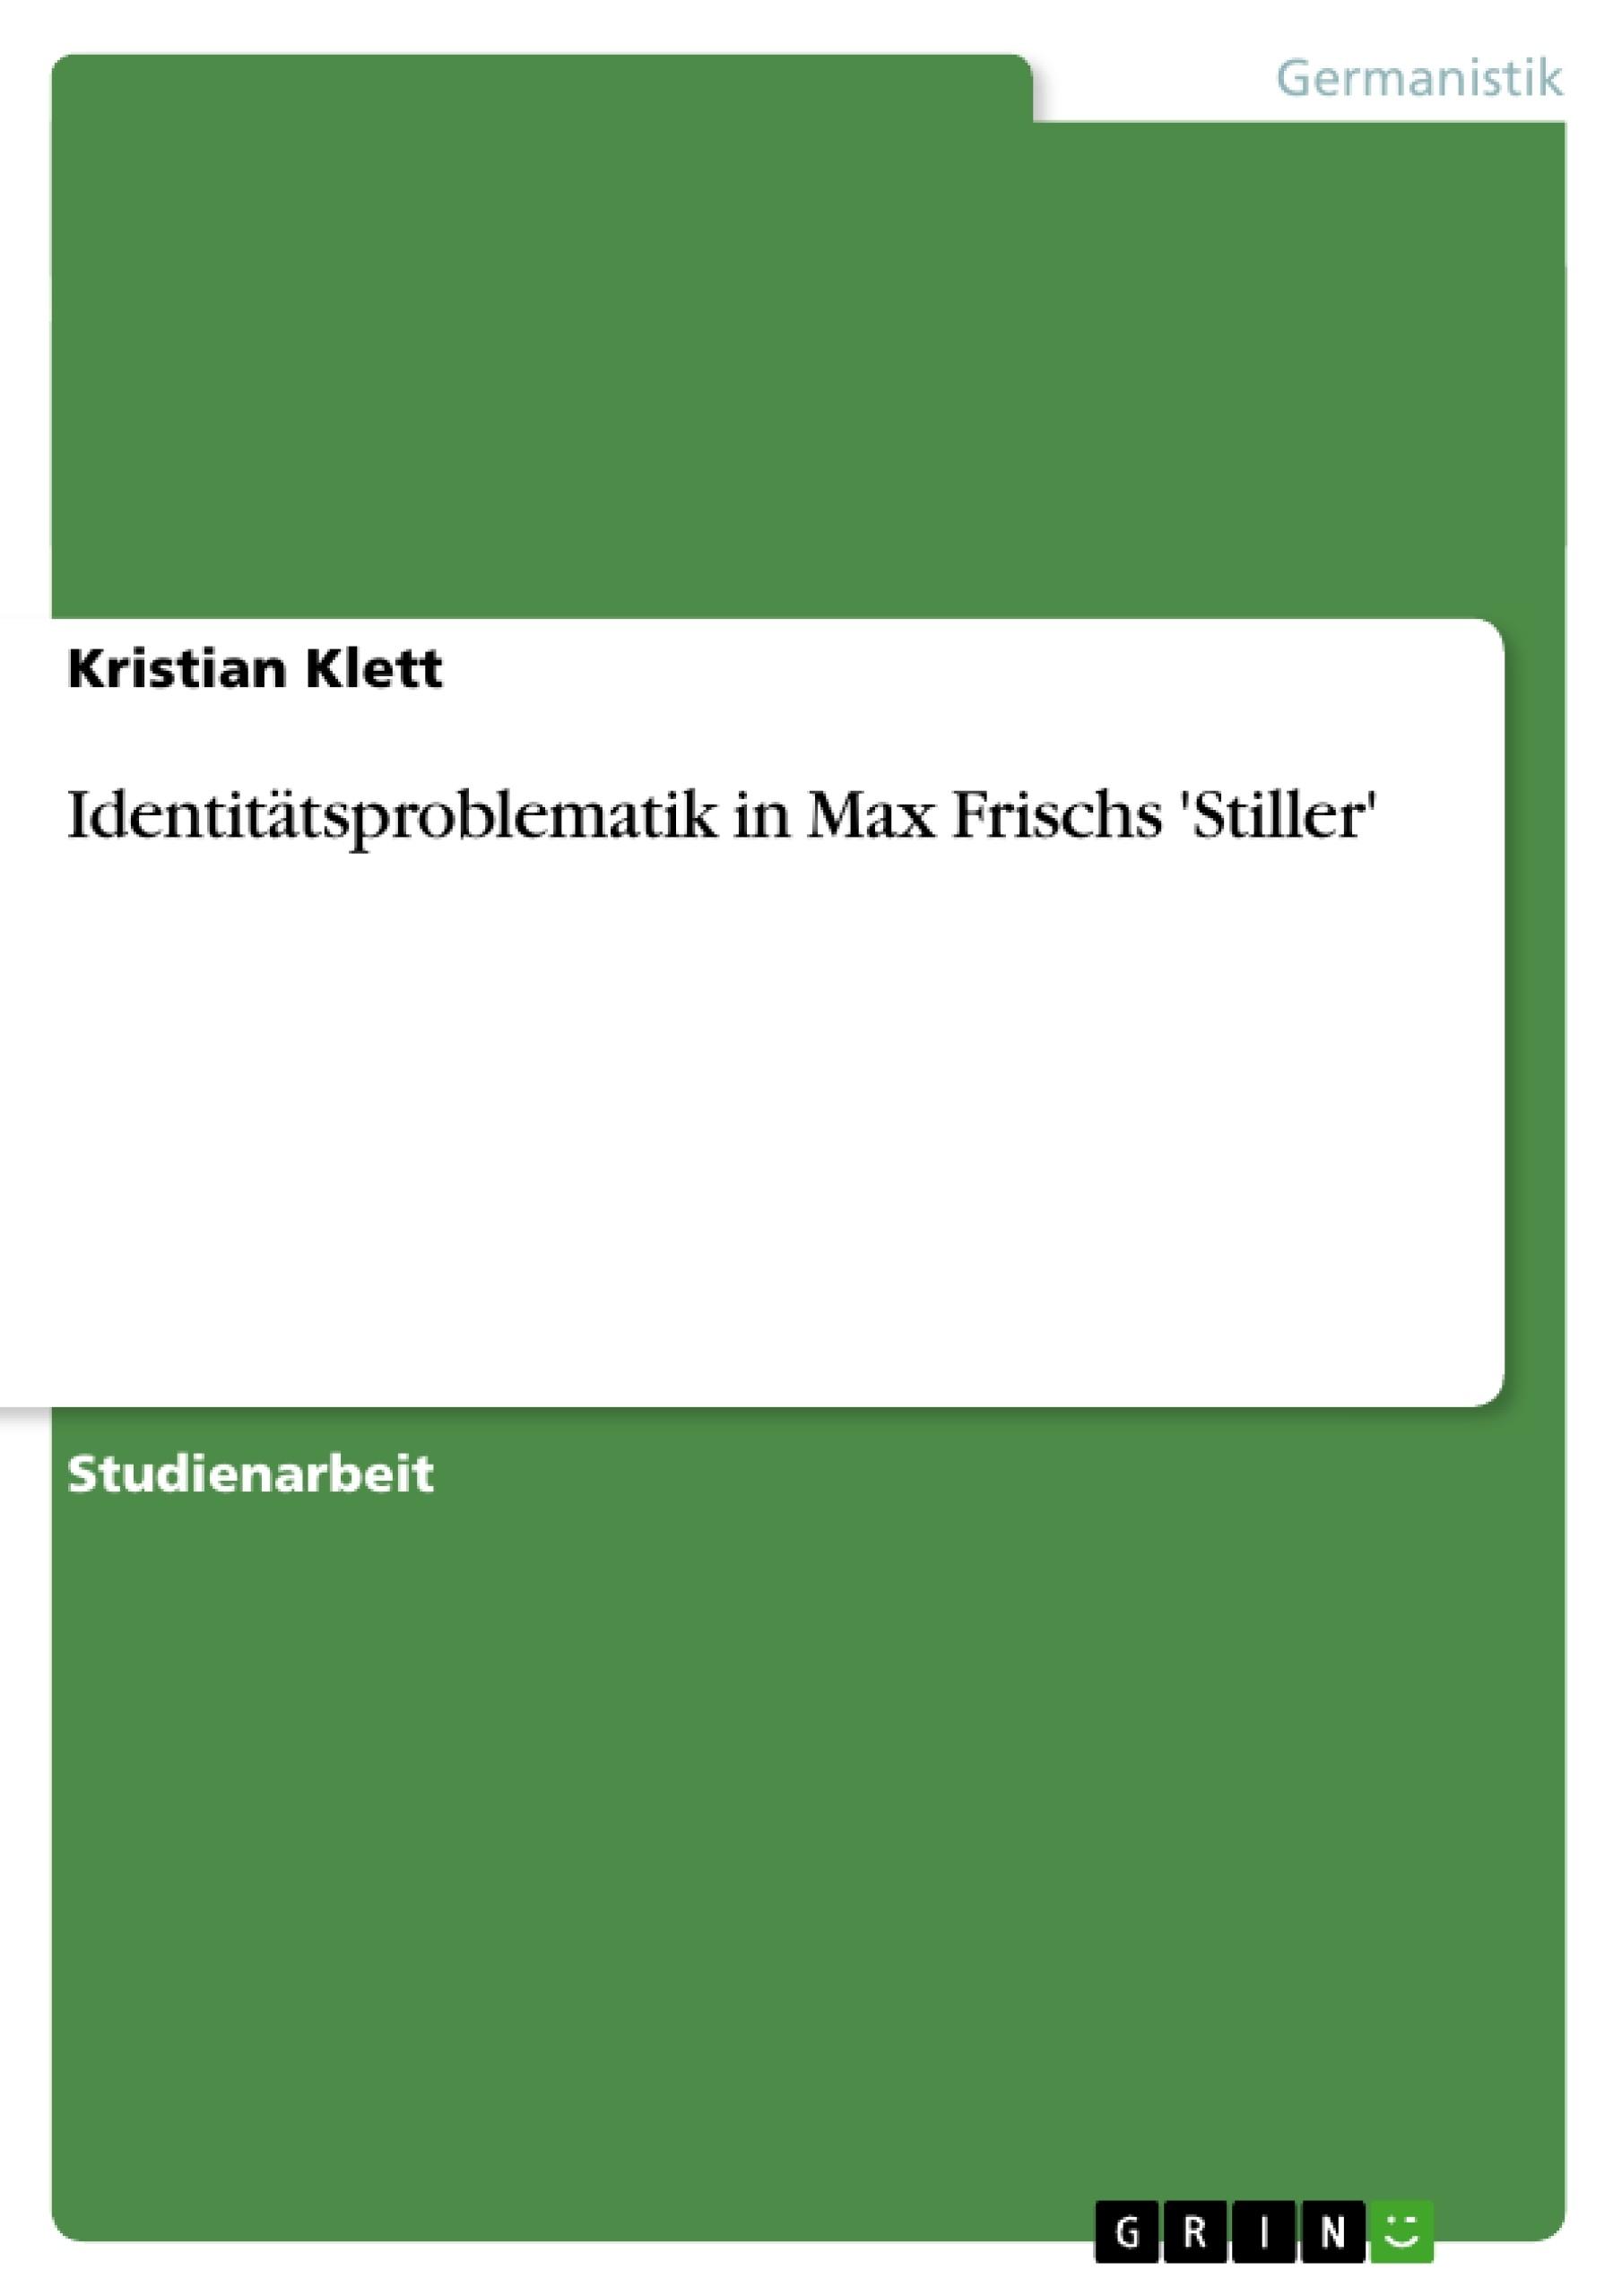 Titel: Identitätsproblematik in Max Frischs 'Stiller'